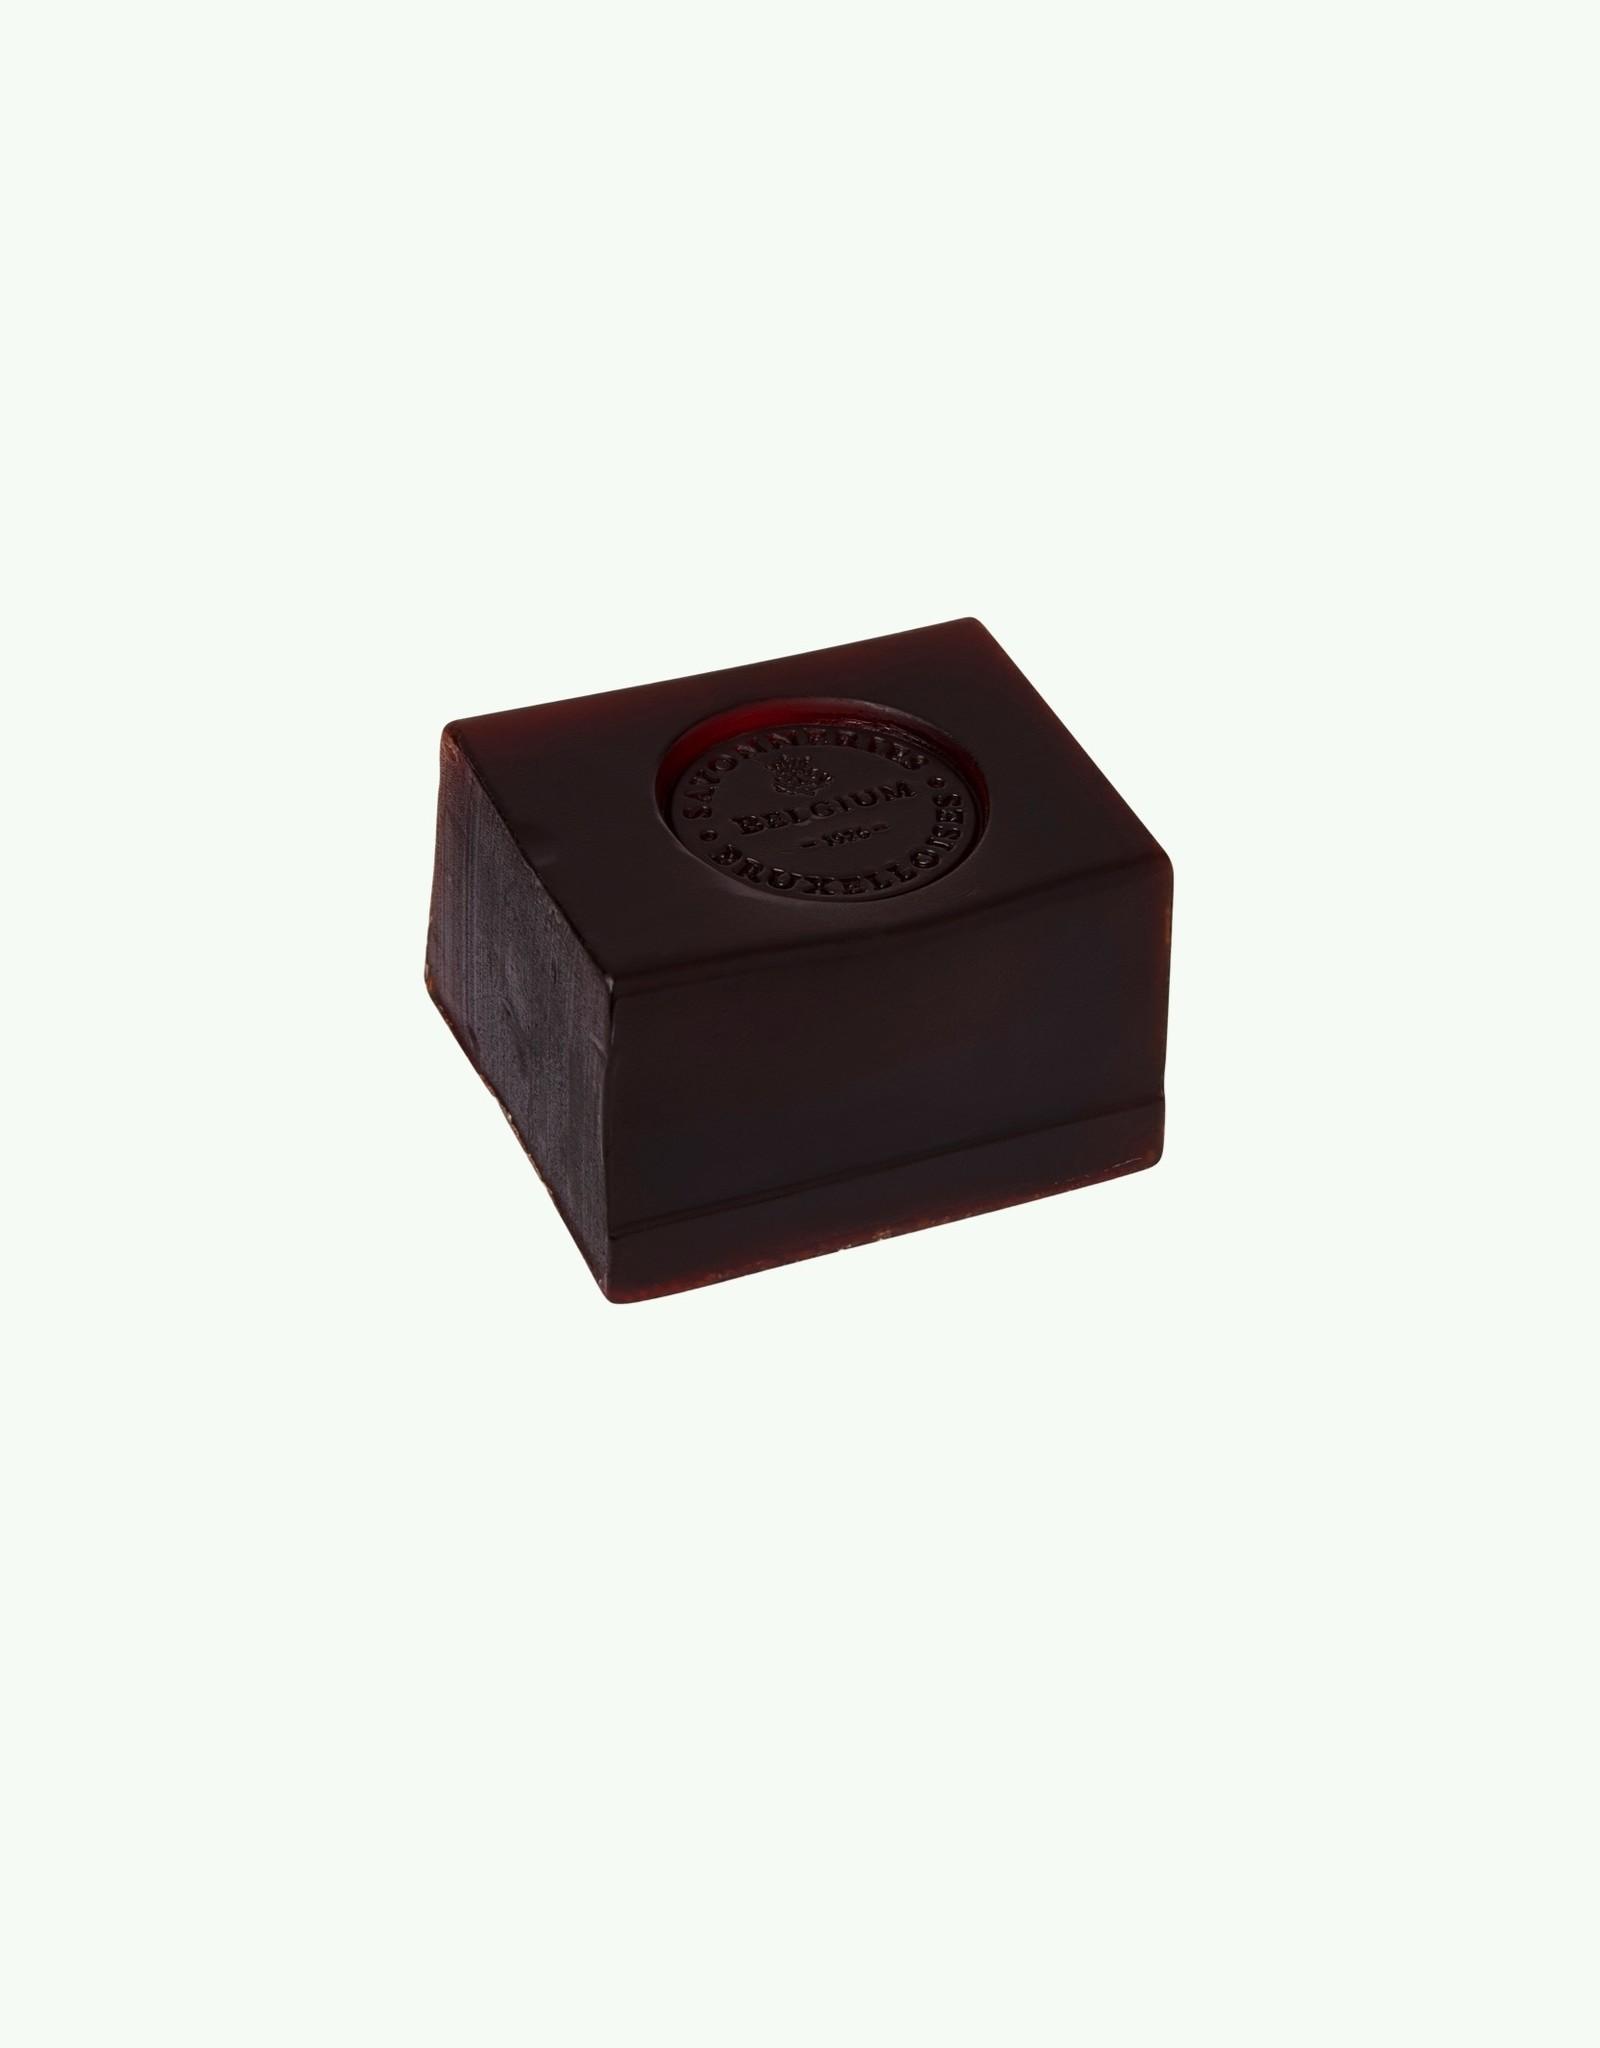 Savonneries Bruxelloises Savonneries Bruxelloises - Amaranth & Almond Oil - Savon - 2 x 200 gr